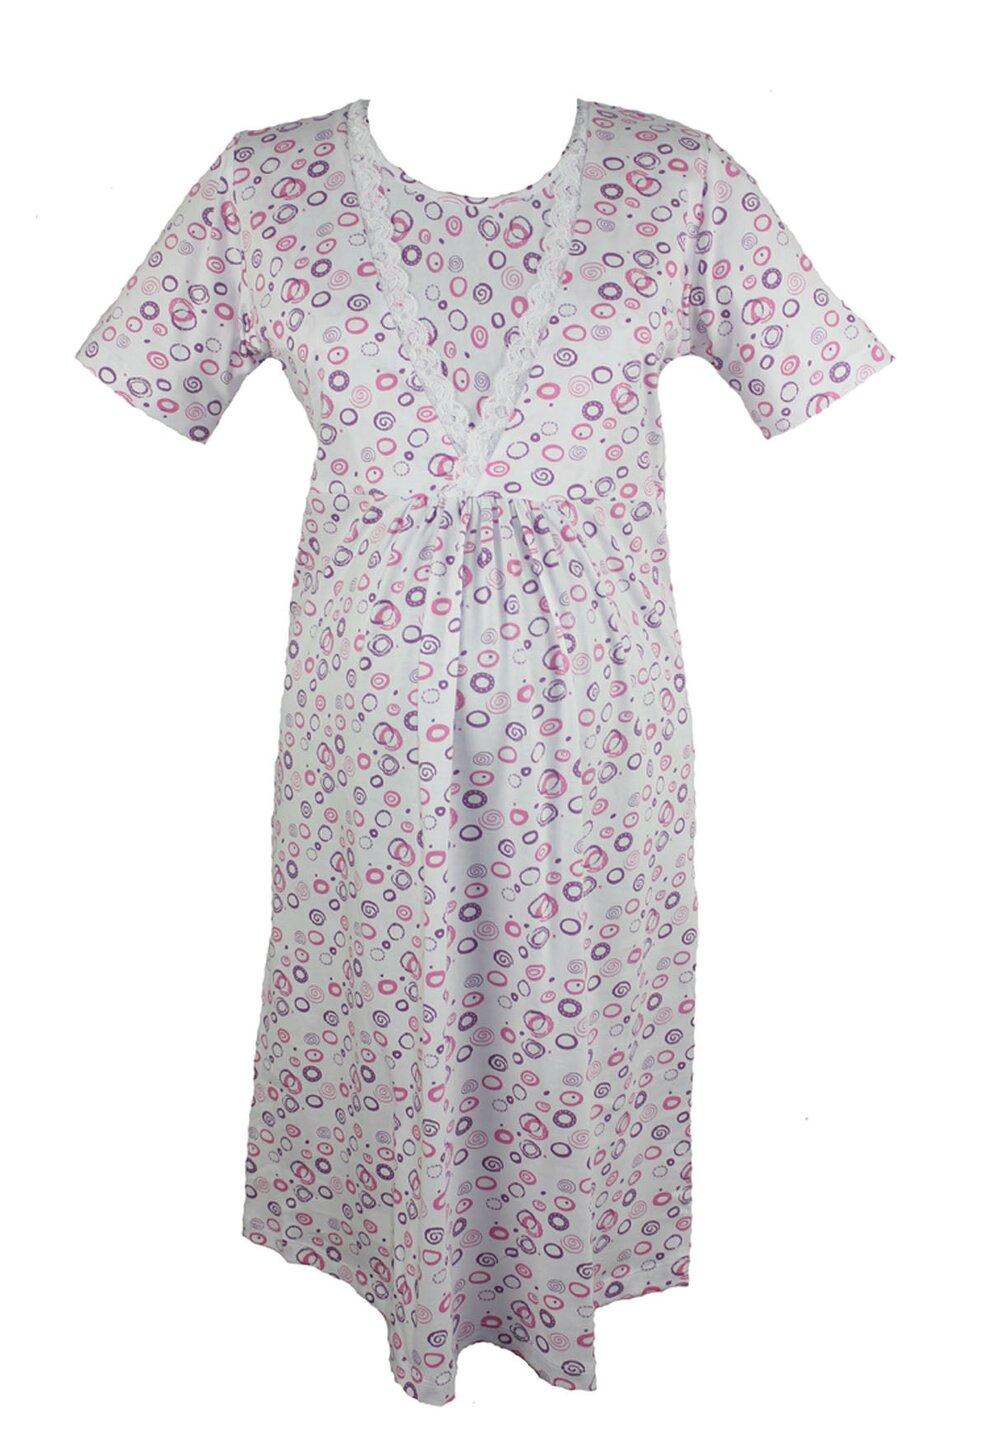 Camasa de alaptat, bumbac, alb cu cerculete roz imagine